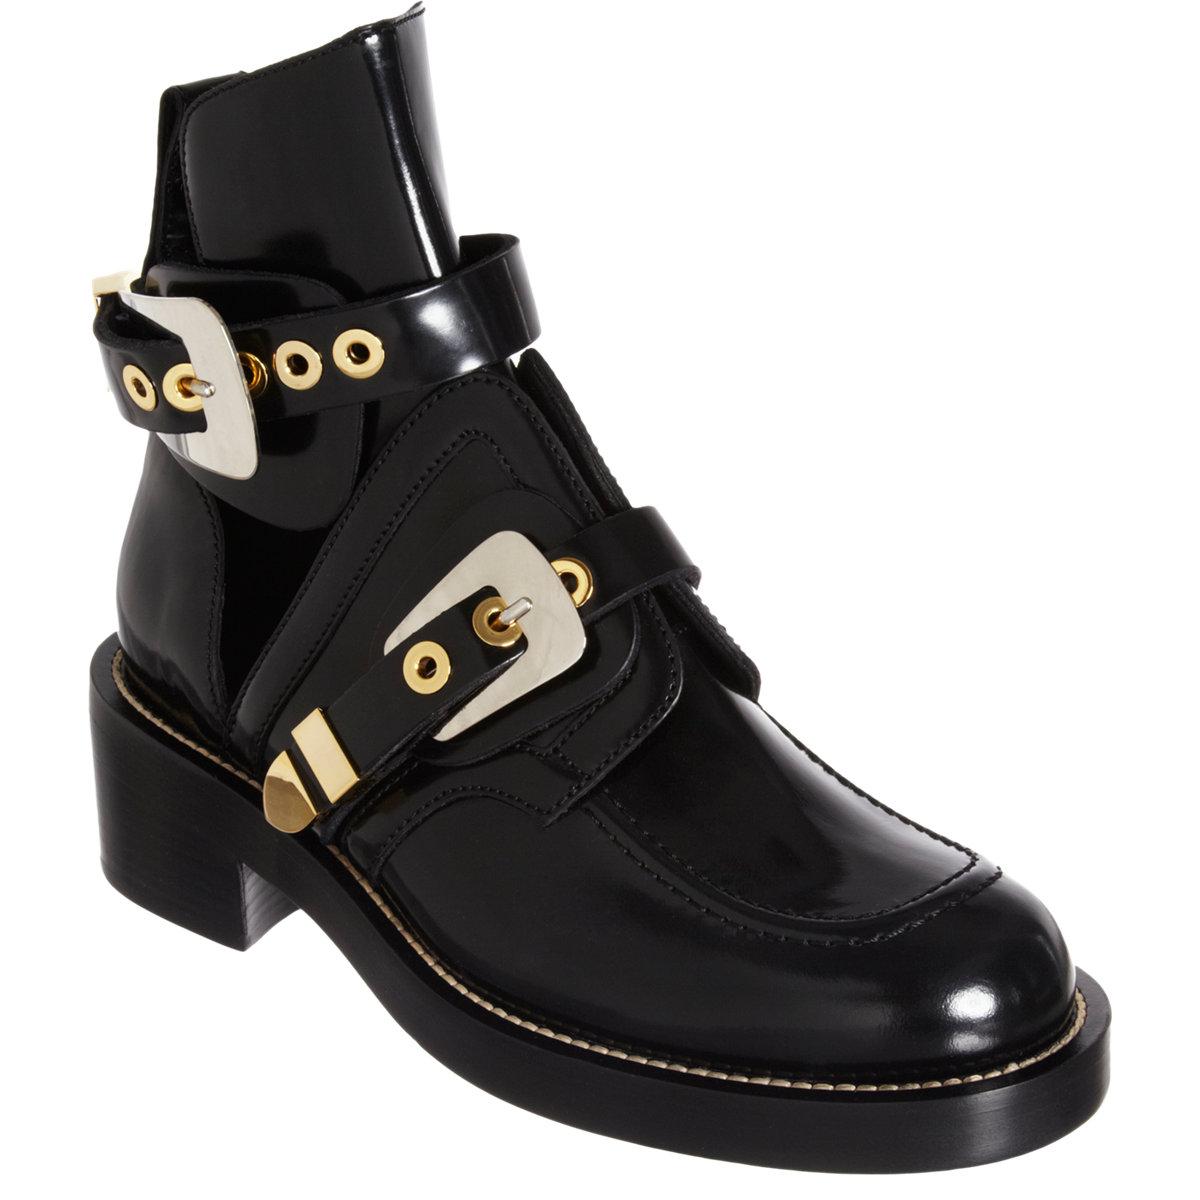 Balenciaga double buckle strap boot at barneys.com